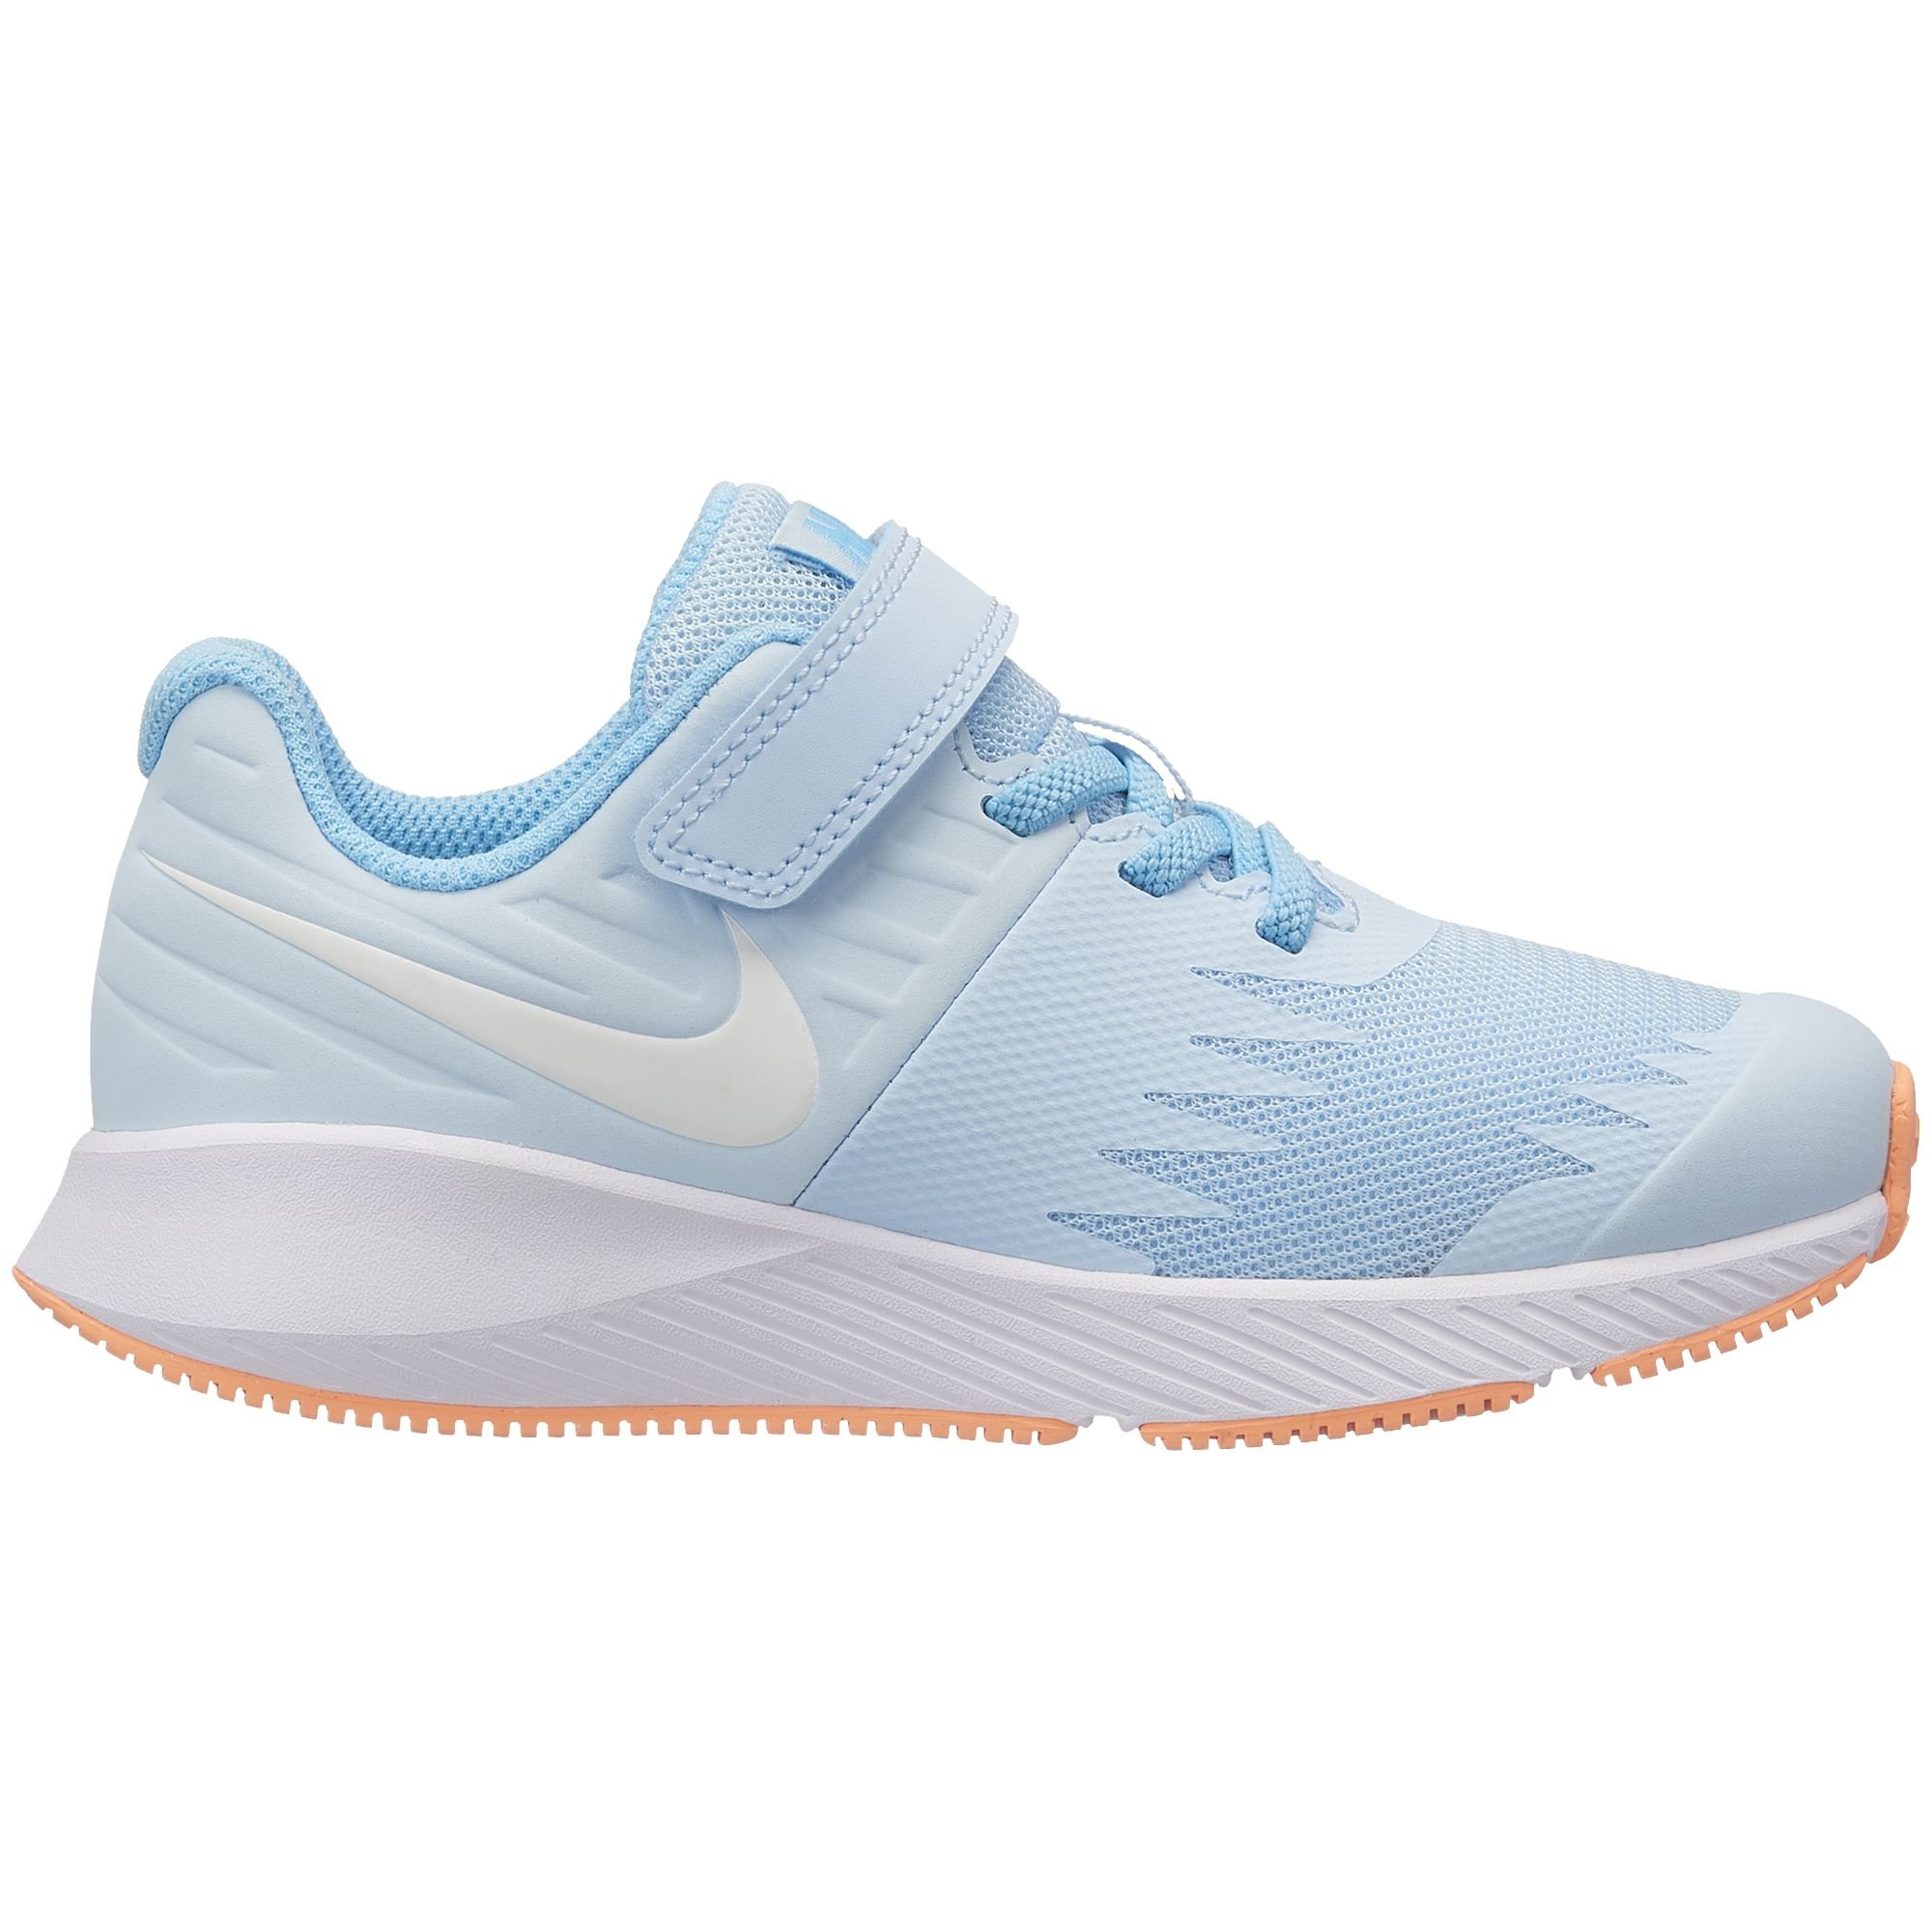 Nike Girl's Star Runner (PSV) Pre-School Shoe Cobalt Tint/White/Blue Chill Size 1 M US